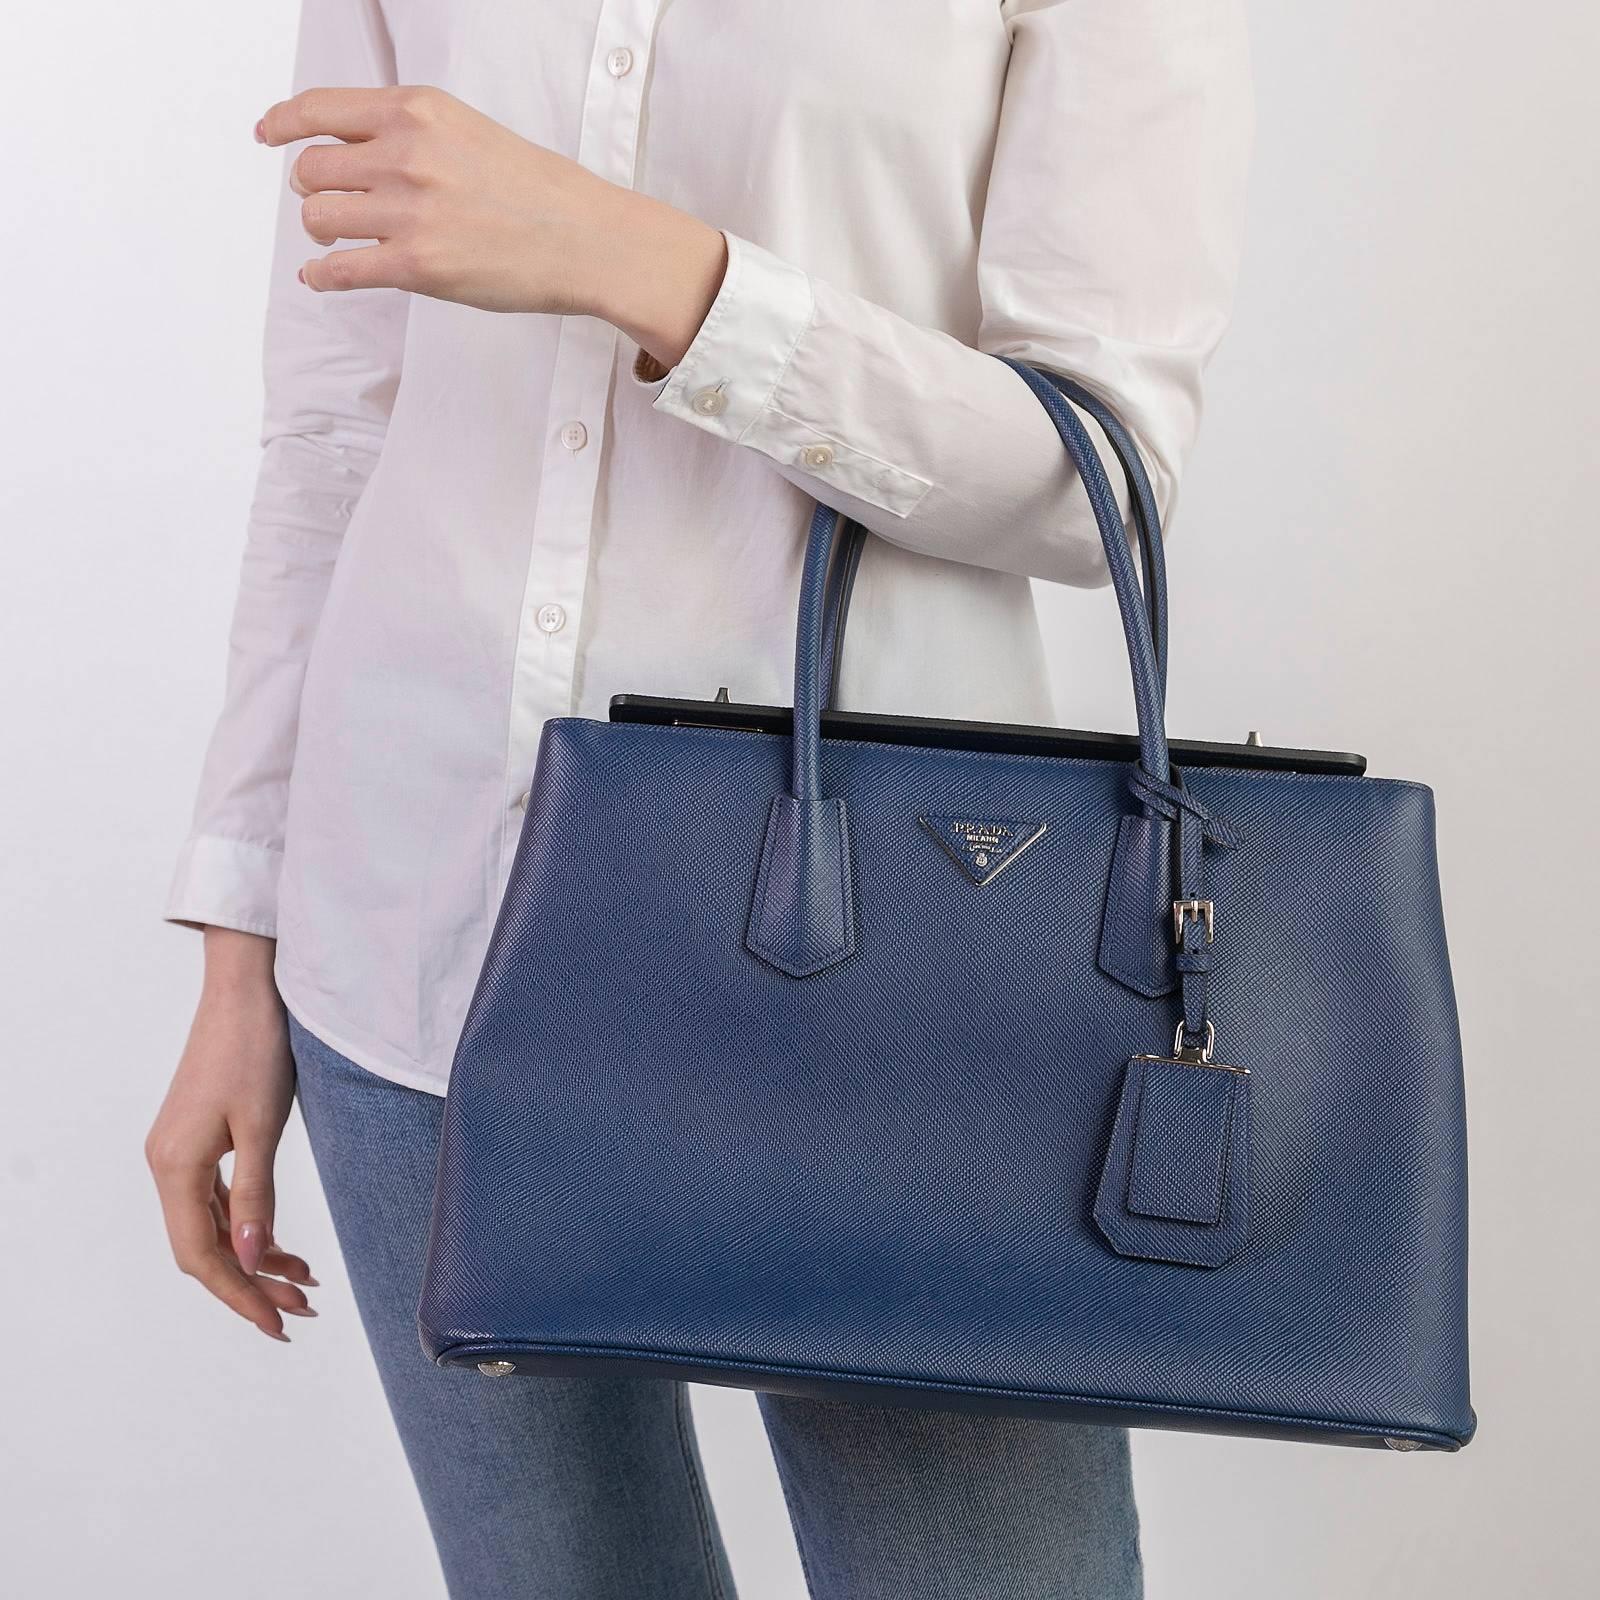 Сумка Prada - купить за 65000 ₽   SFS